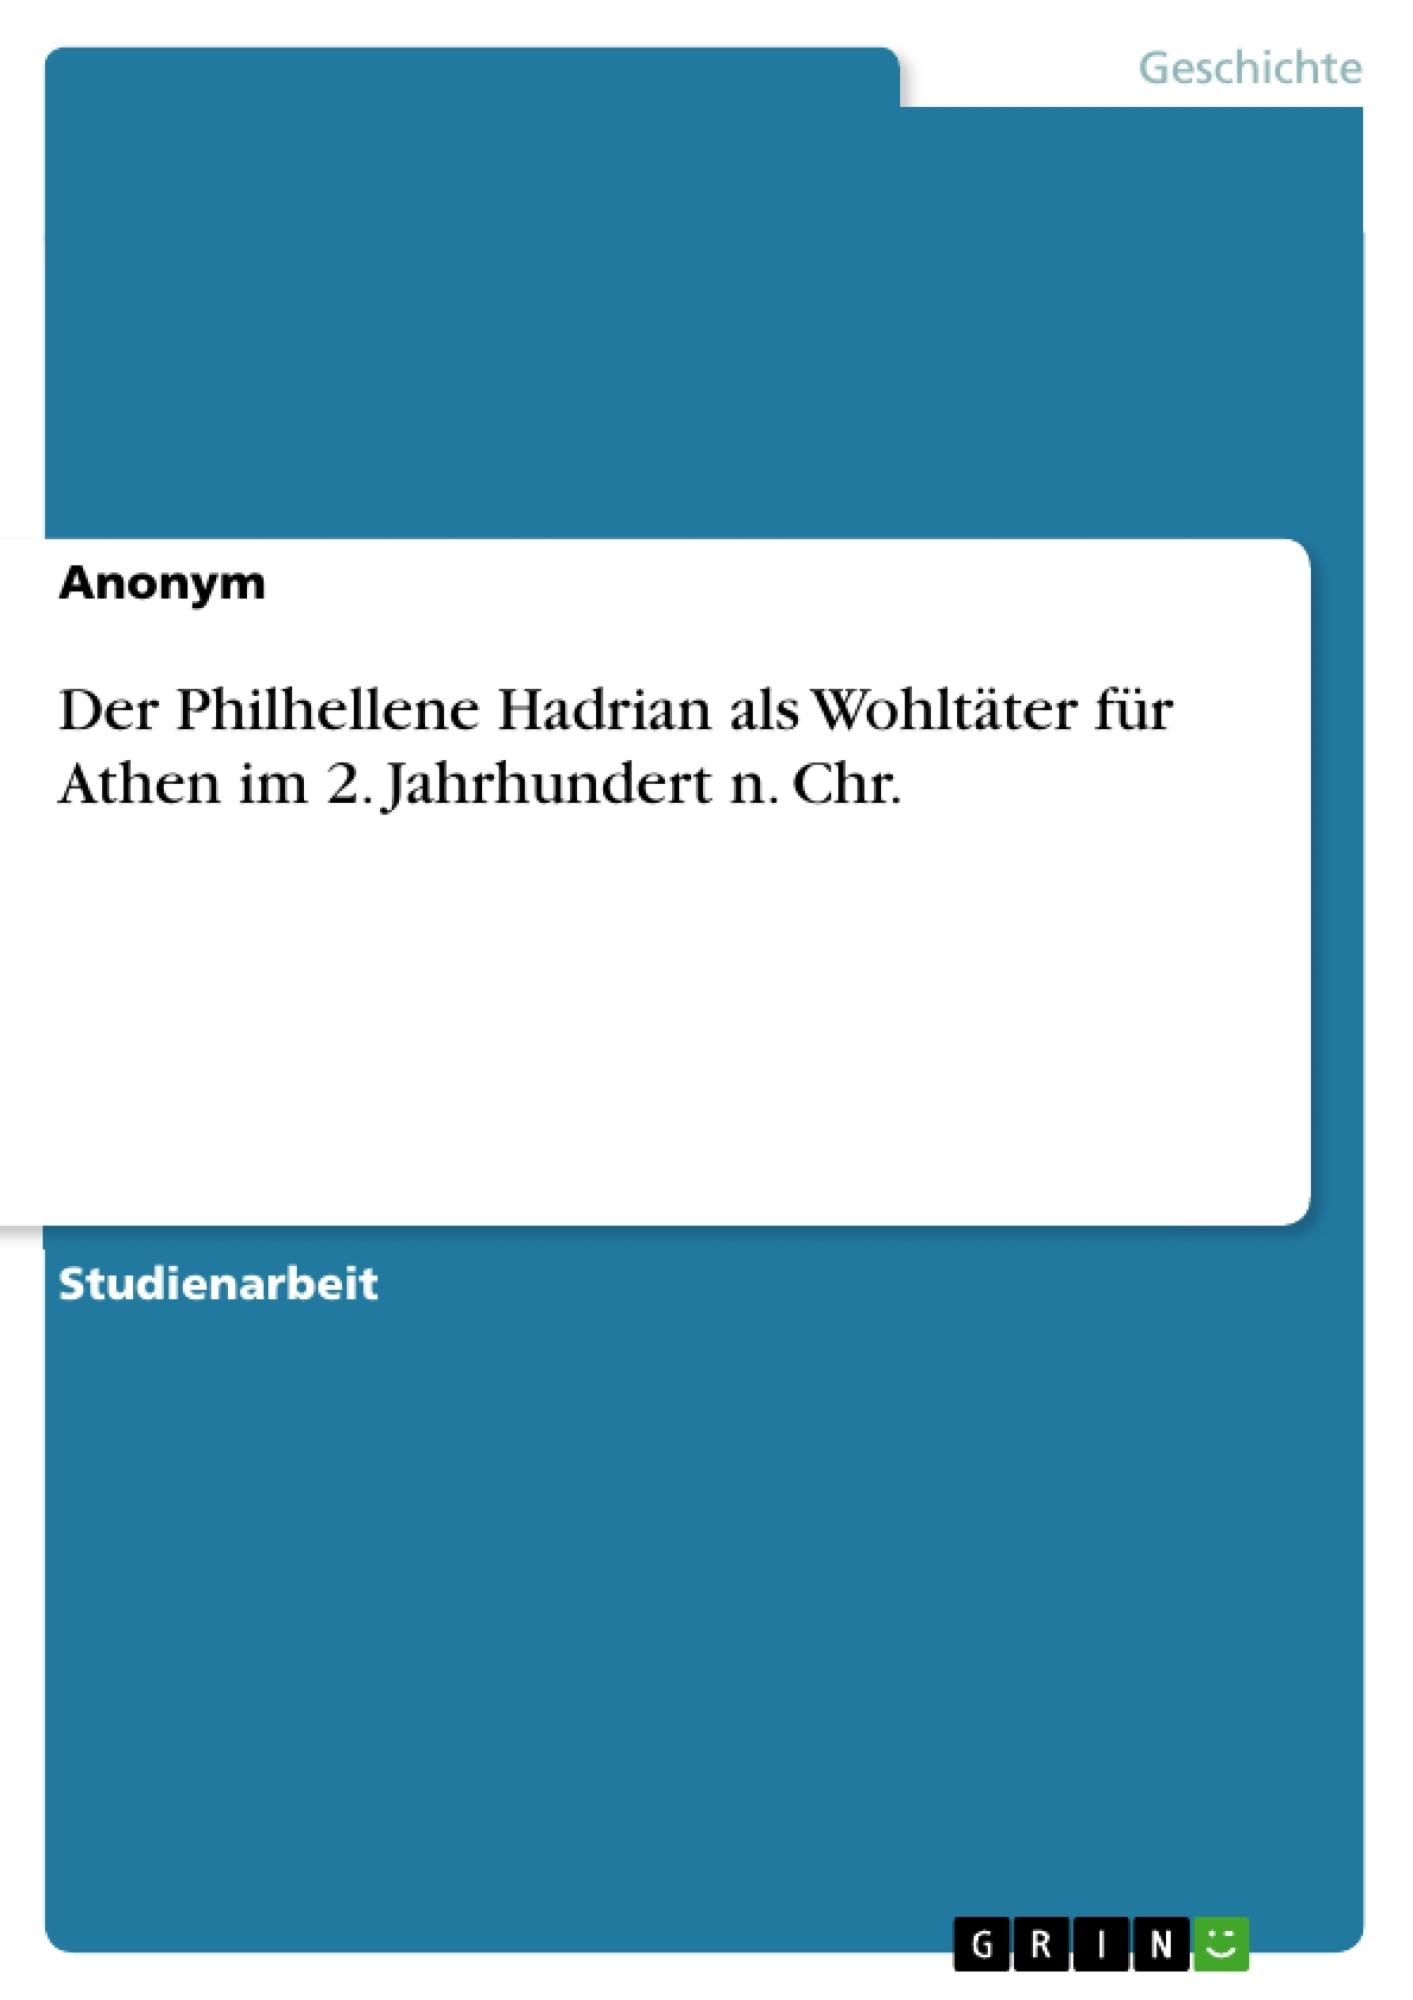 Titel: Der Philhellene Hadrian als Wohltäter für Athen im 2. Jahrhundert n. Chr.